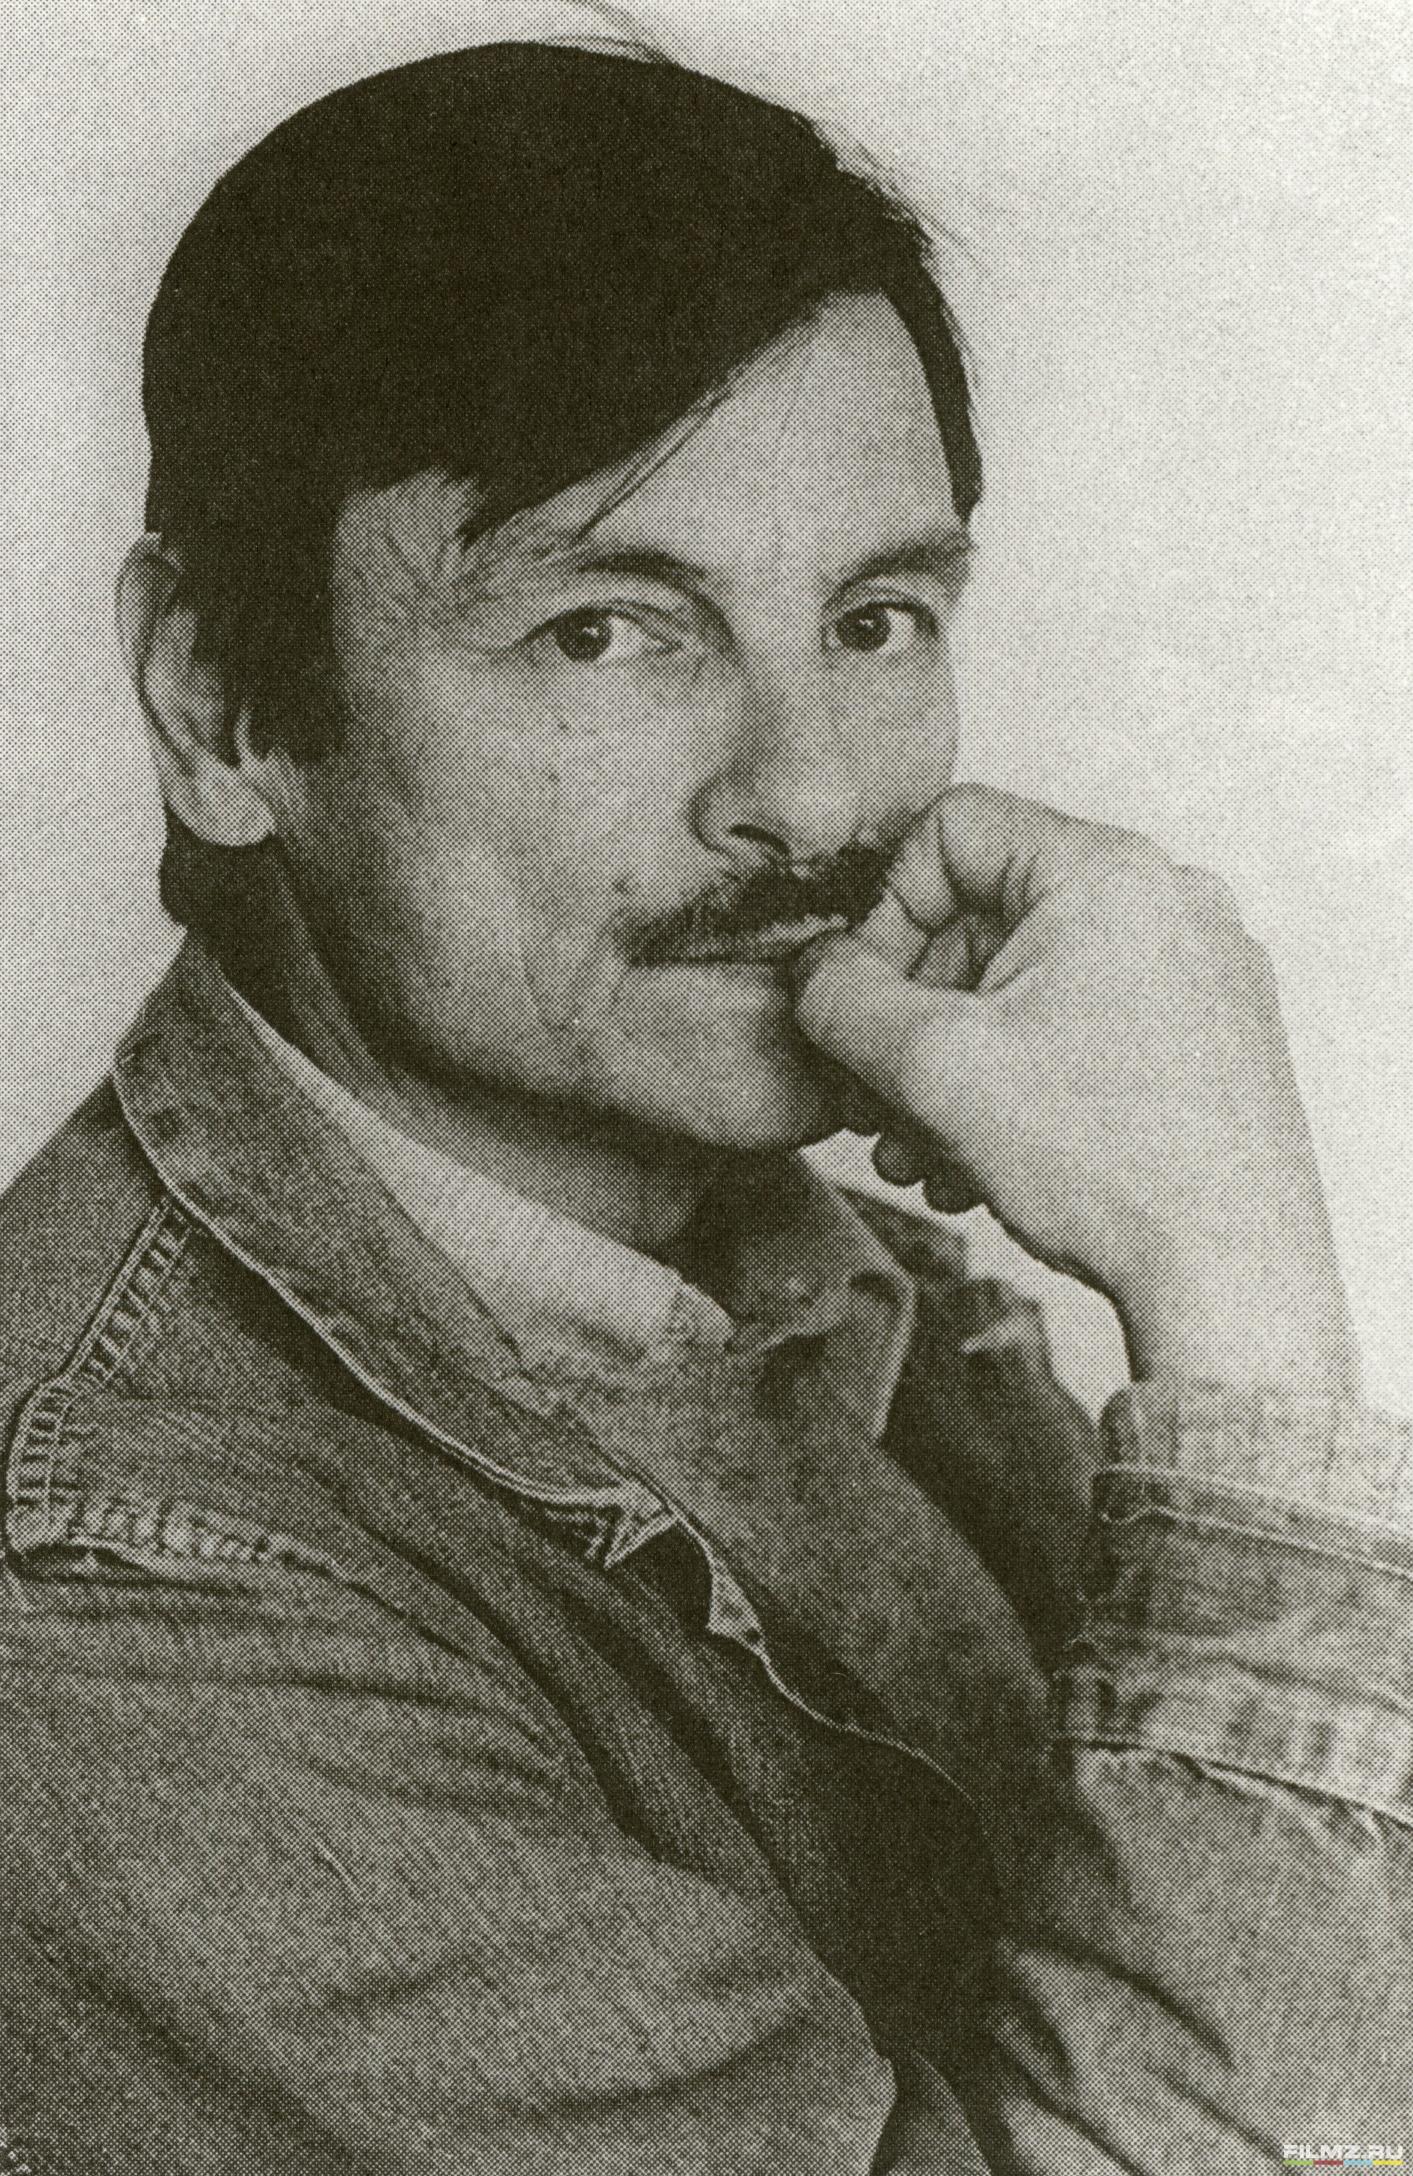 Андрей Тарковский Андрей Тарковский,